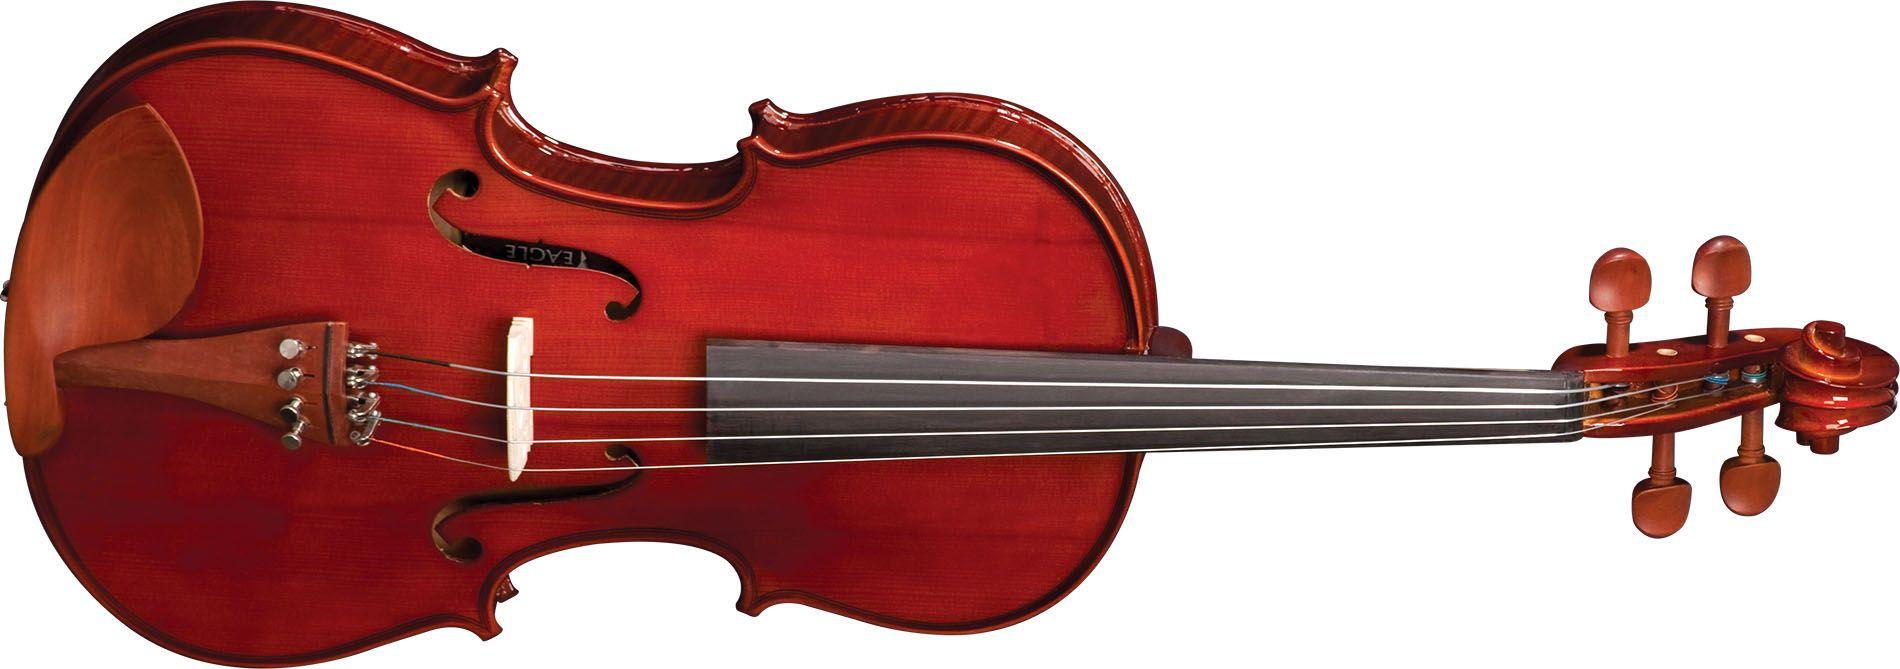 Viola Arco Eagle Va150 4/4